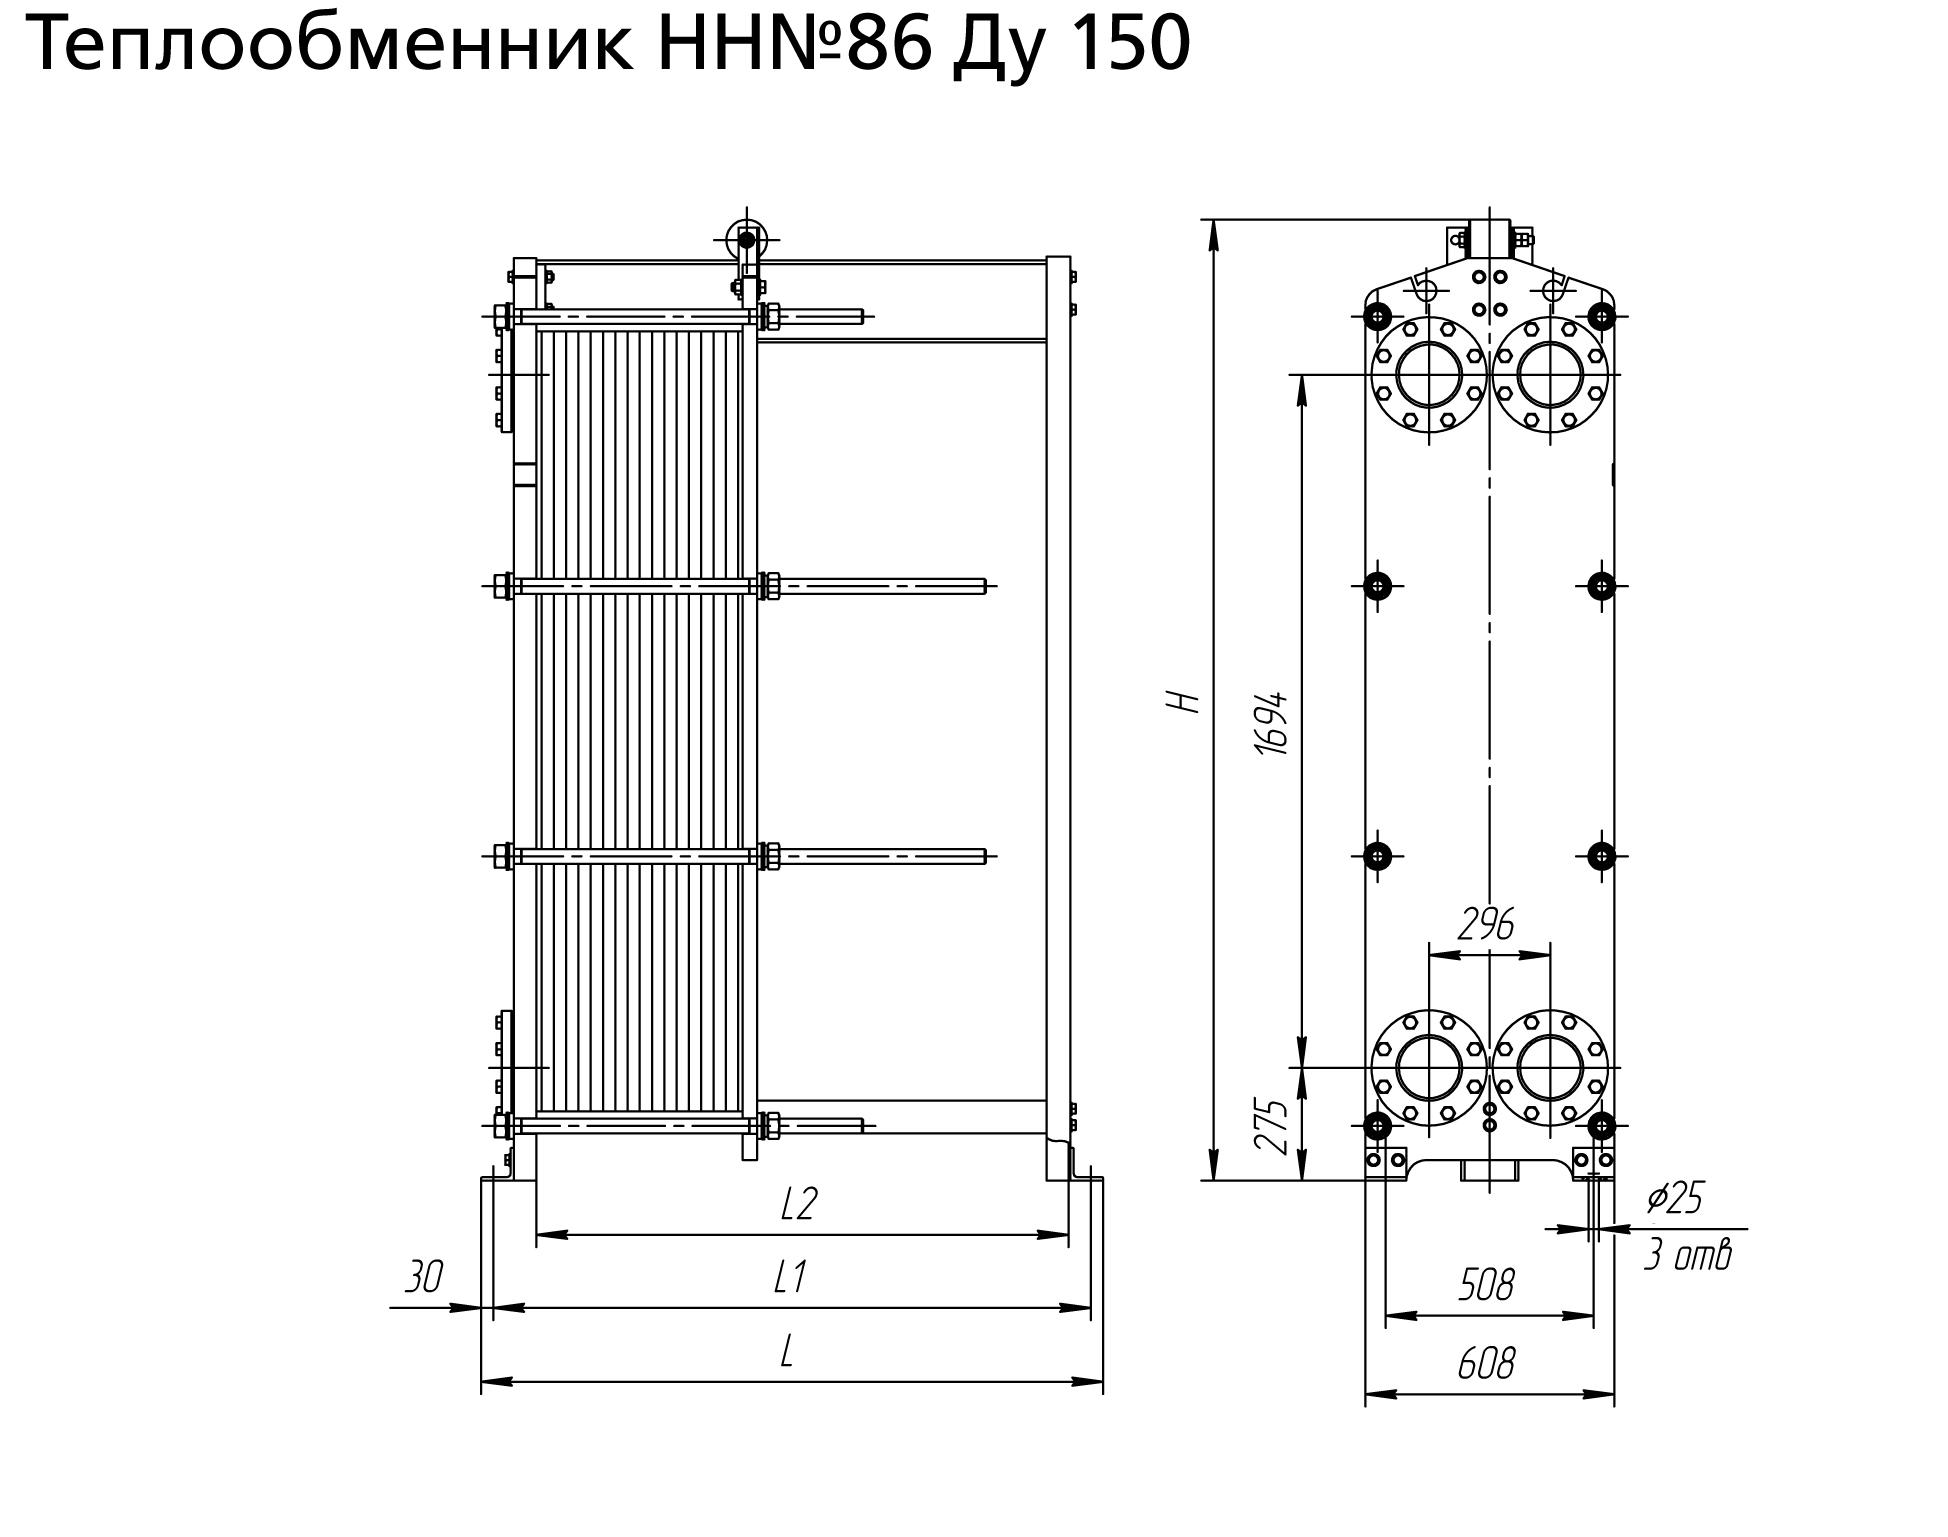 Теплообменник пластинчатый нн 86 как построить камин печь с теплообменником в частном доме